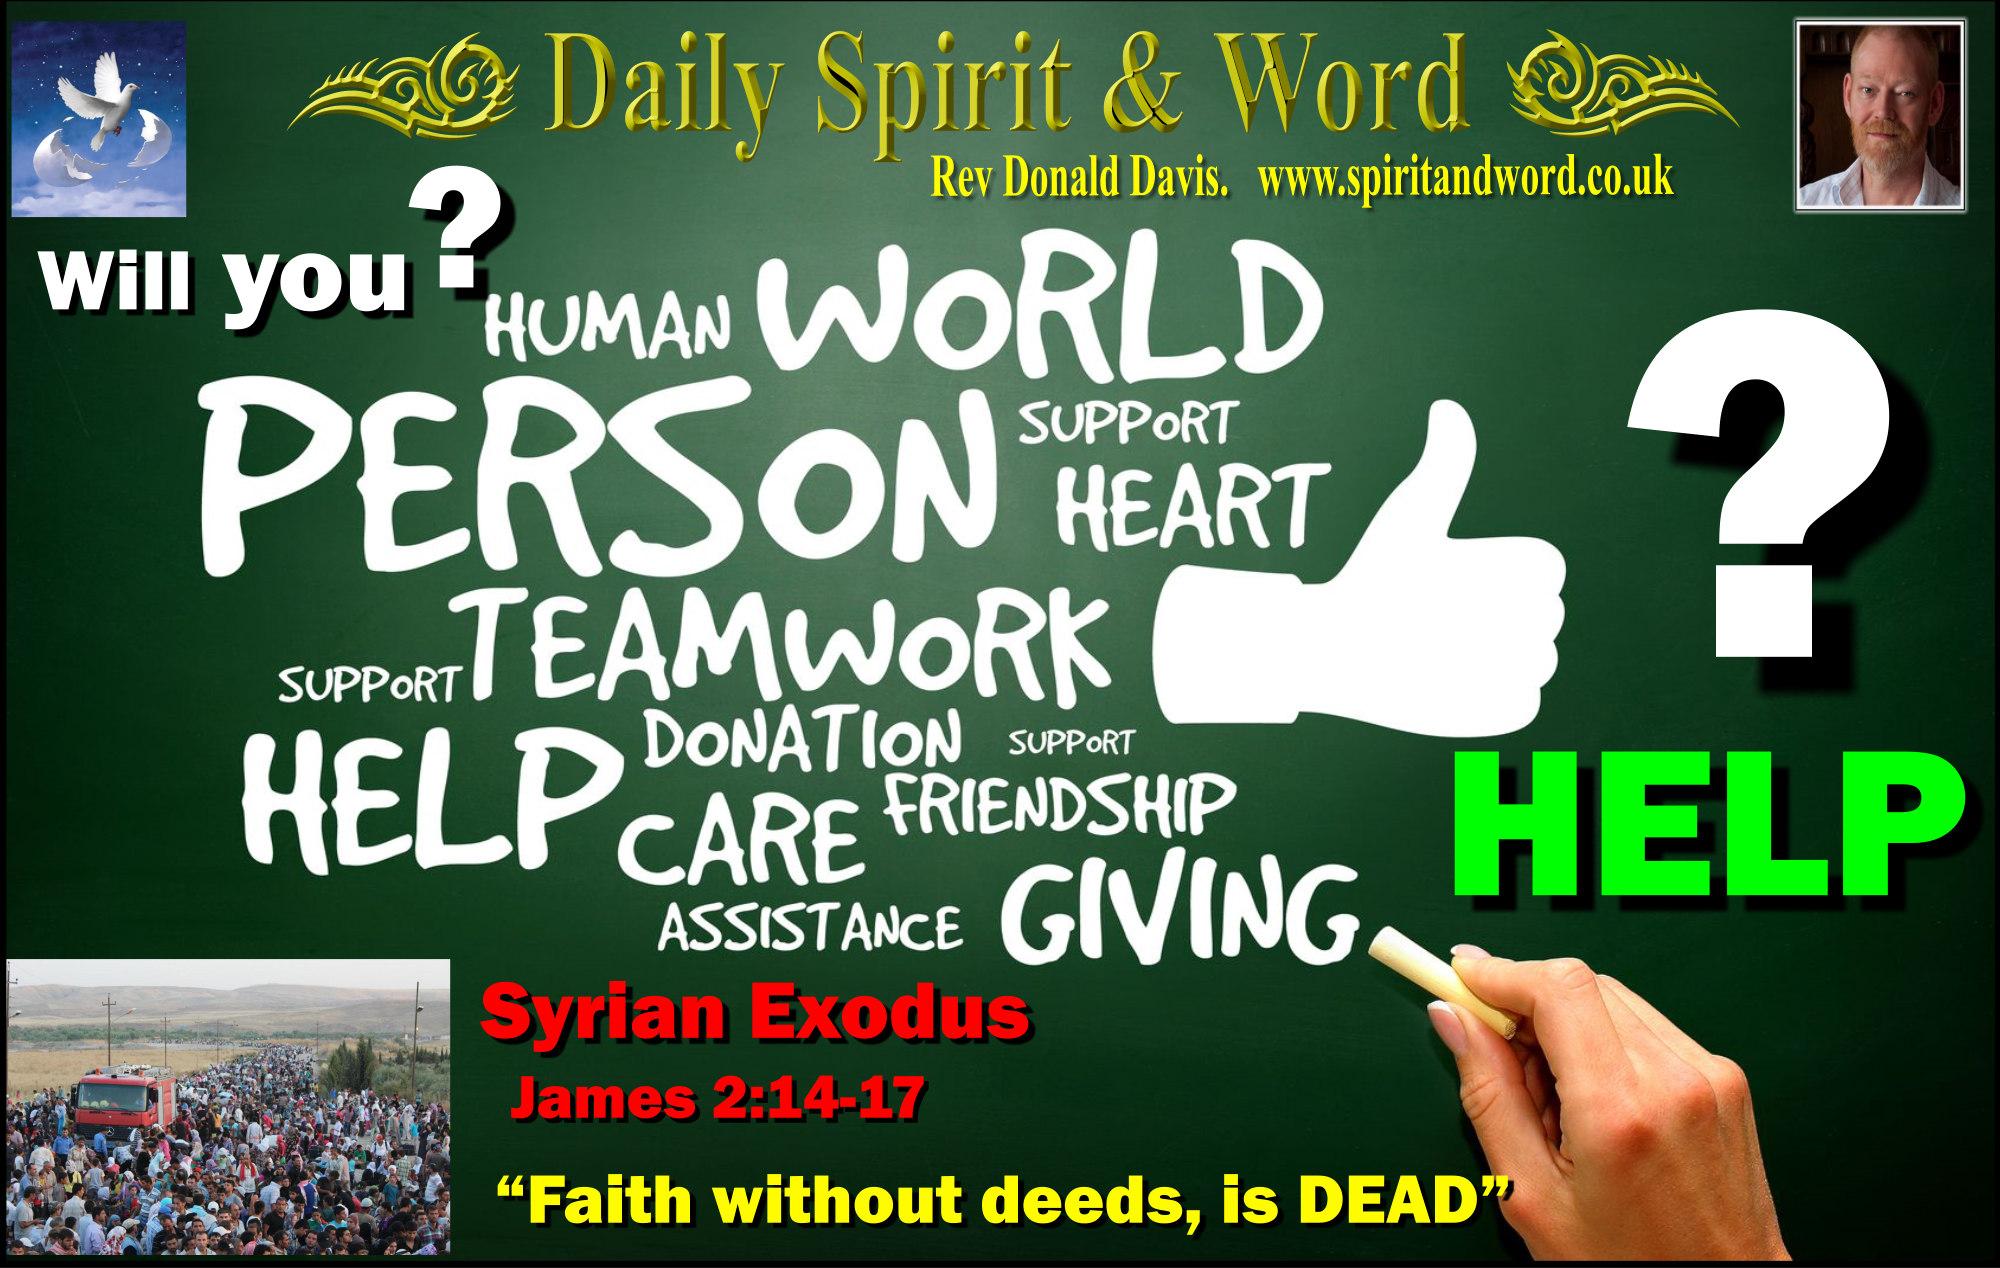 Refugee, Asylum Seekers, Syrian Crisis, UK, Response, LOVE,